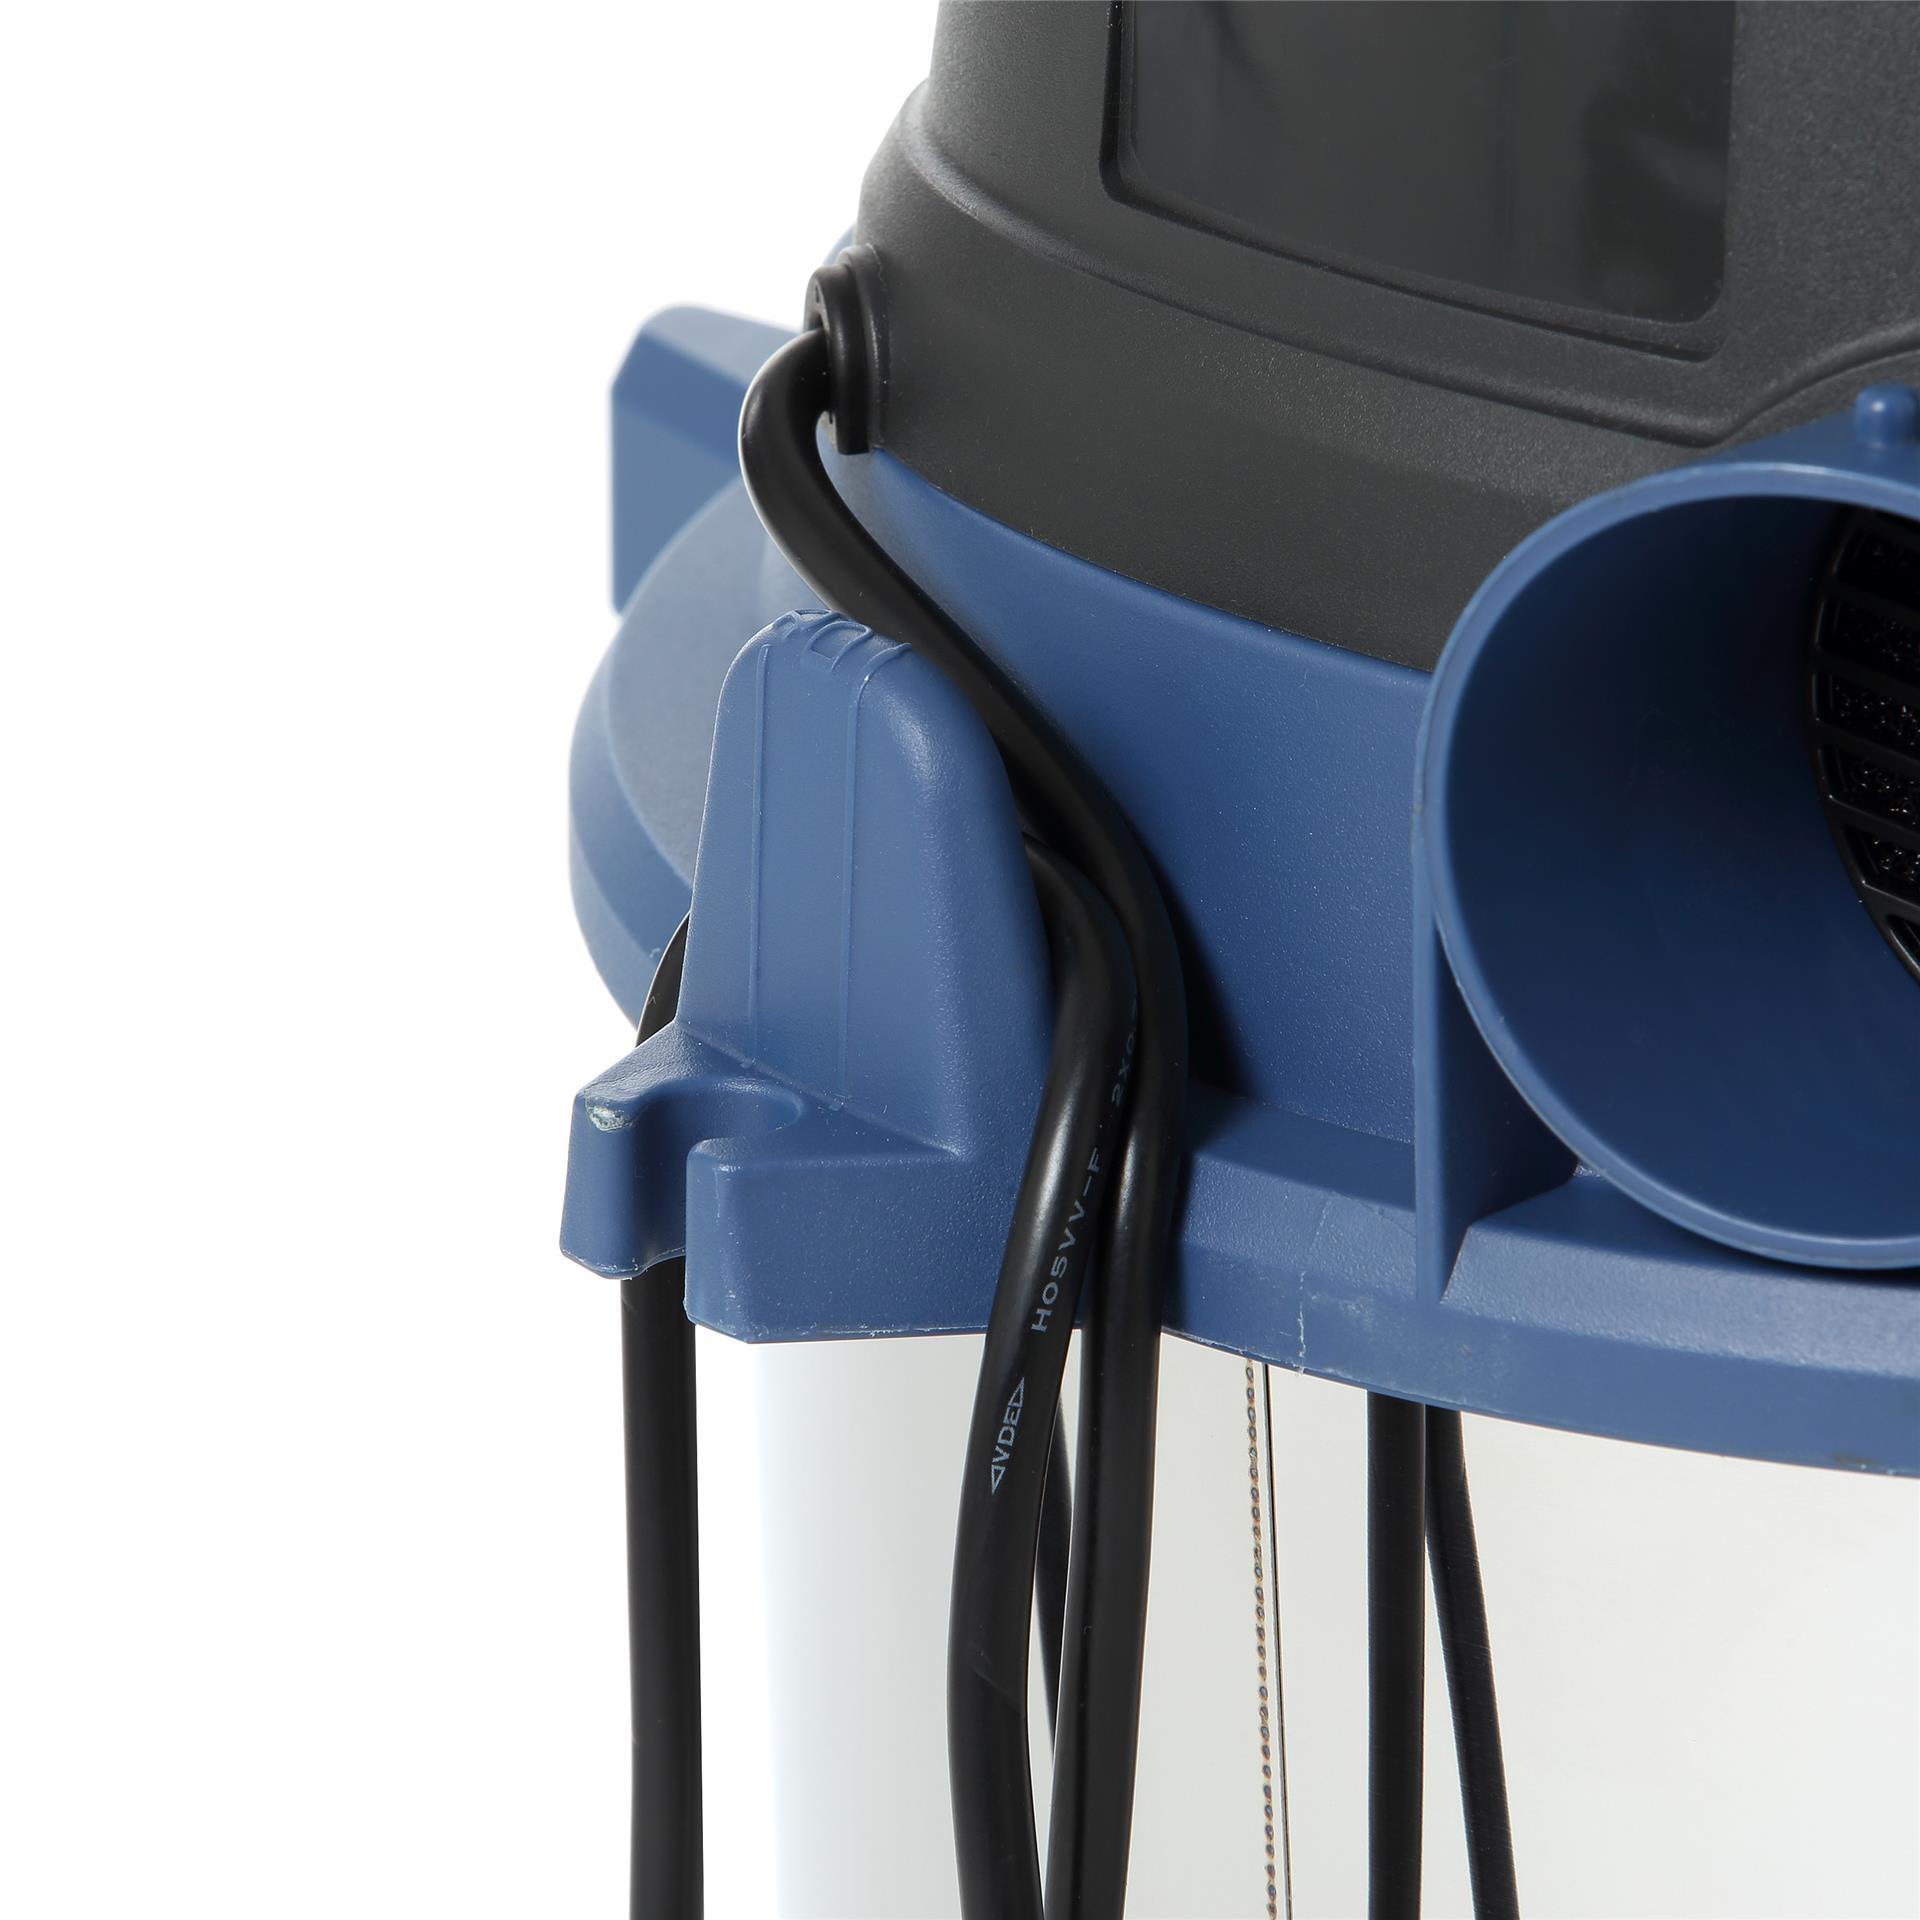 Aspirador - Electrodomésticos - OLX Portugal - página 4